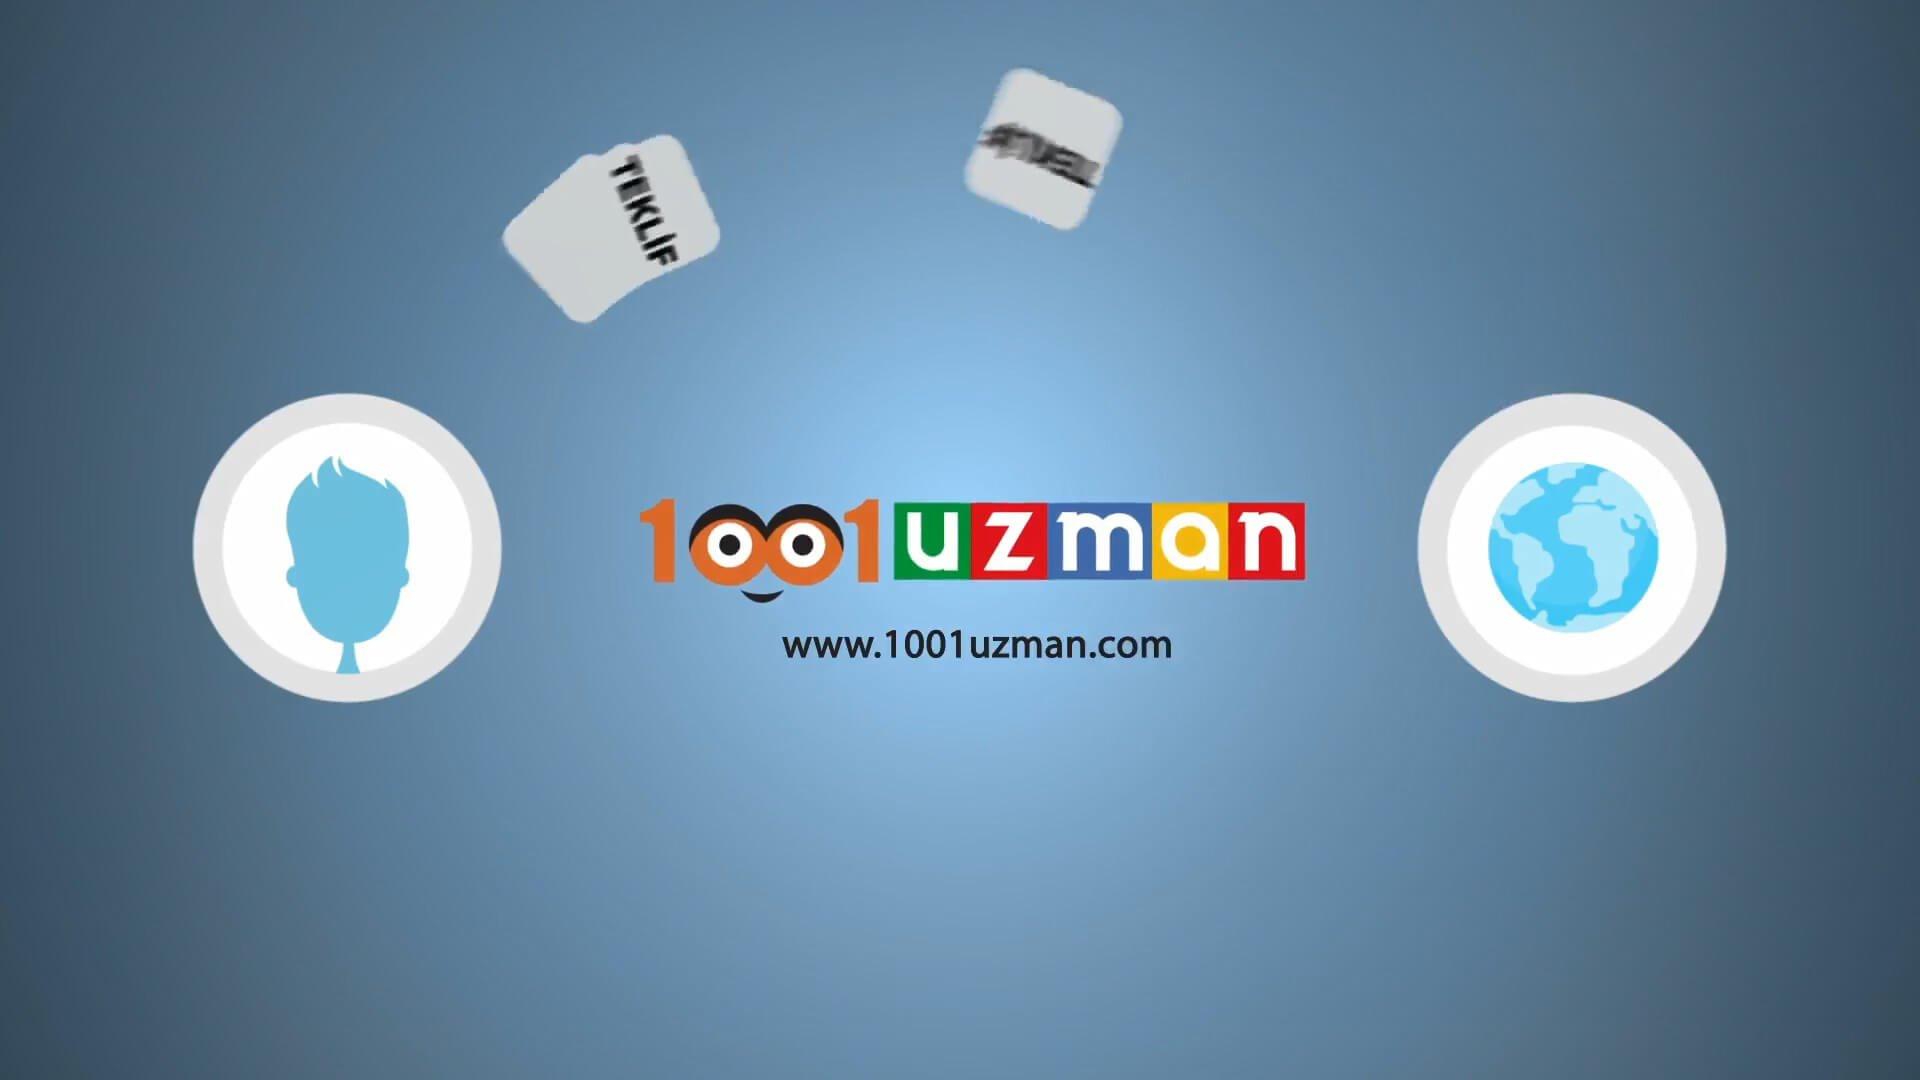 1001Uzman1 1920x1080 - Animasyon ile Kurumsal Tanıtım